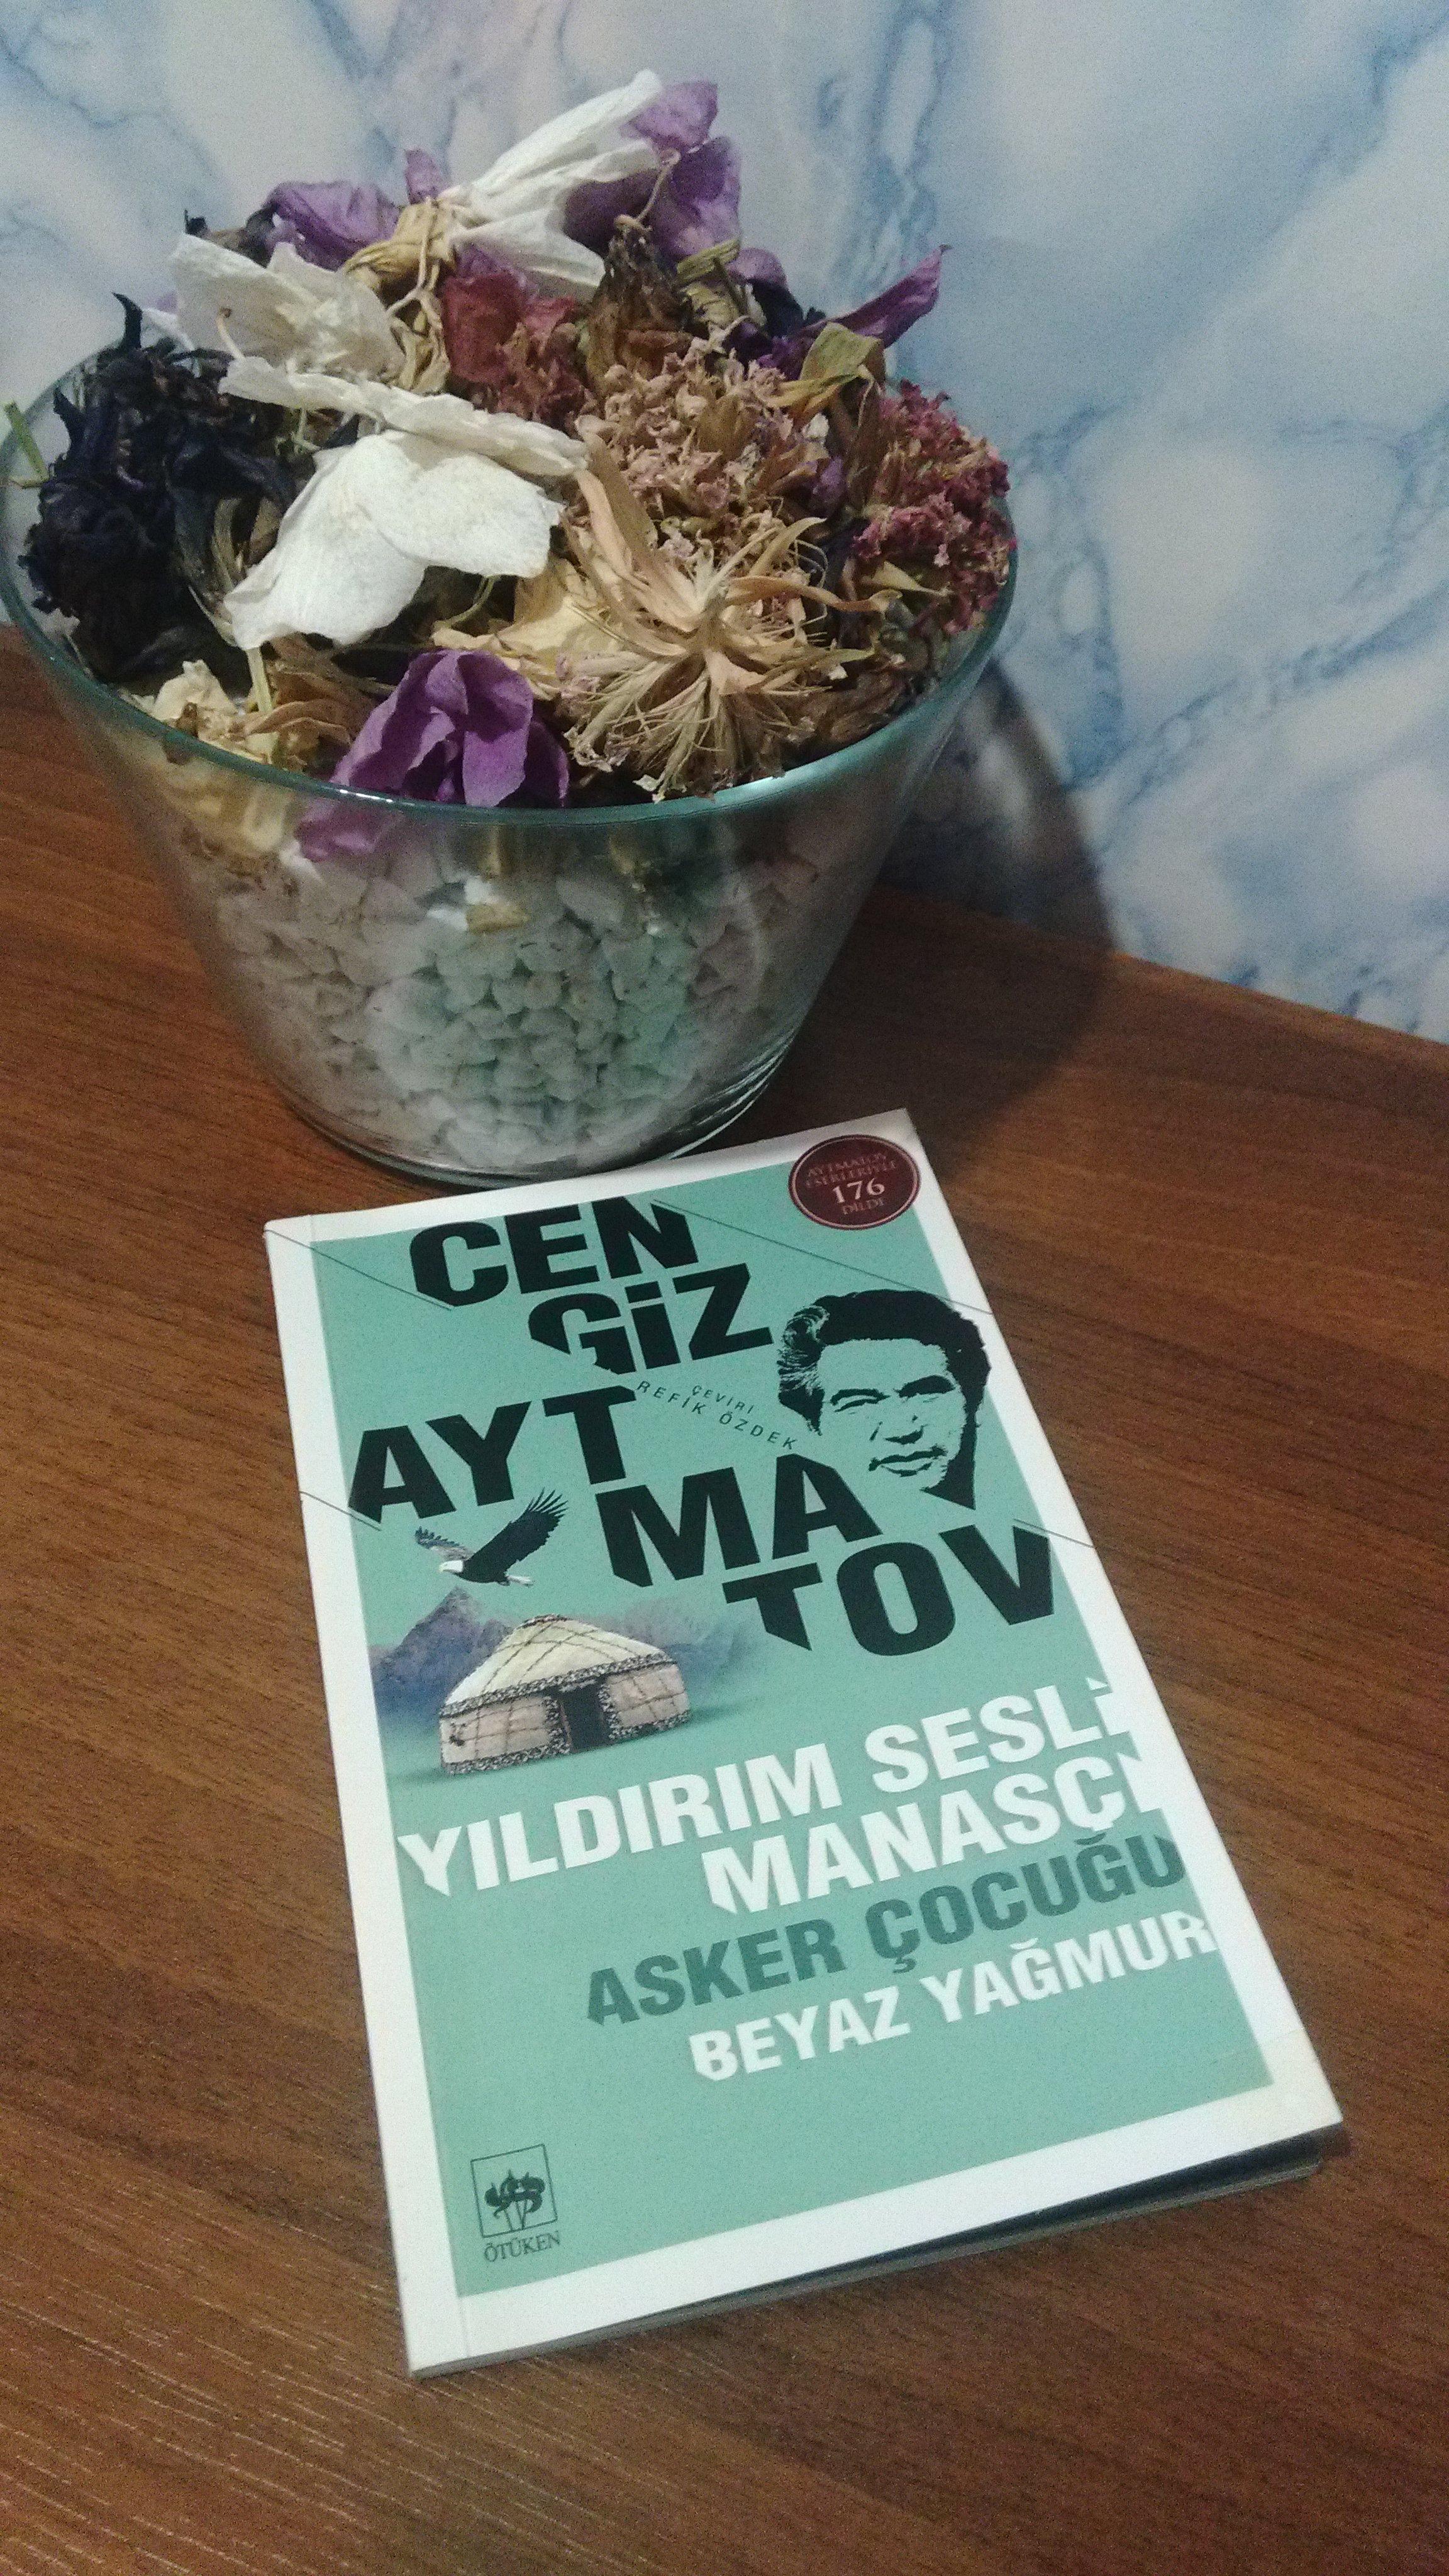 Cengiz Aytmatov – Yıldırım Sesli Manasçı, Asker Çocuğu, Beyaz Yağmur